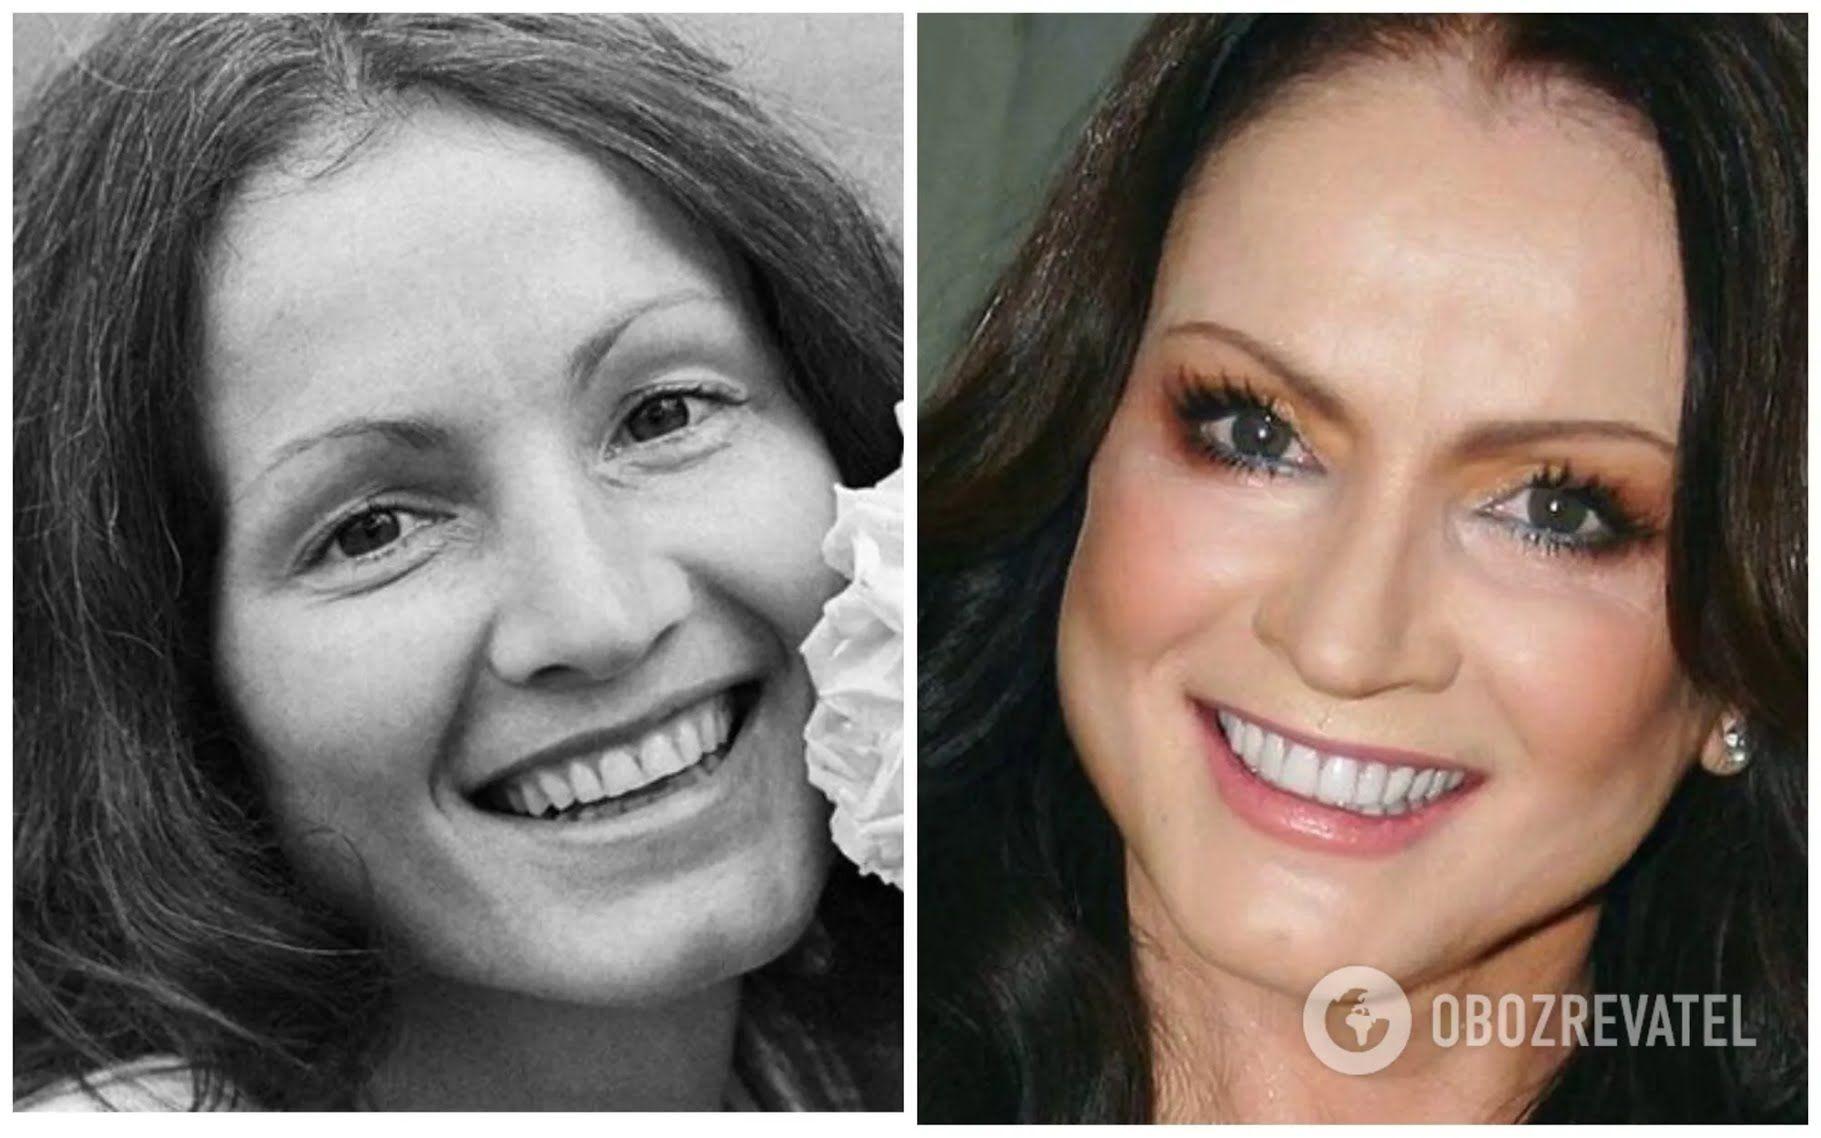 София Ротару до и после пластических операций.